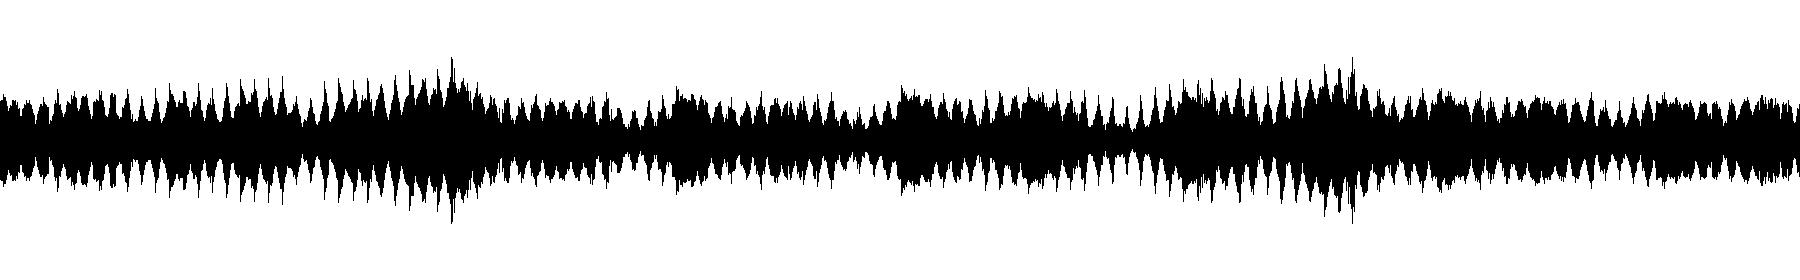 92 c sinewaveyarp sp 01